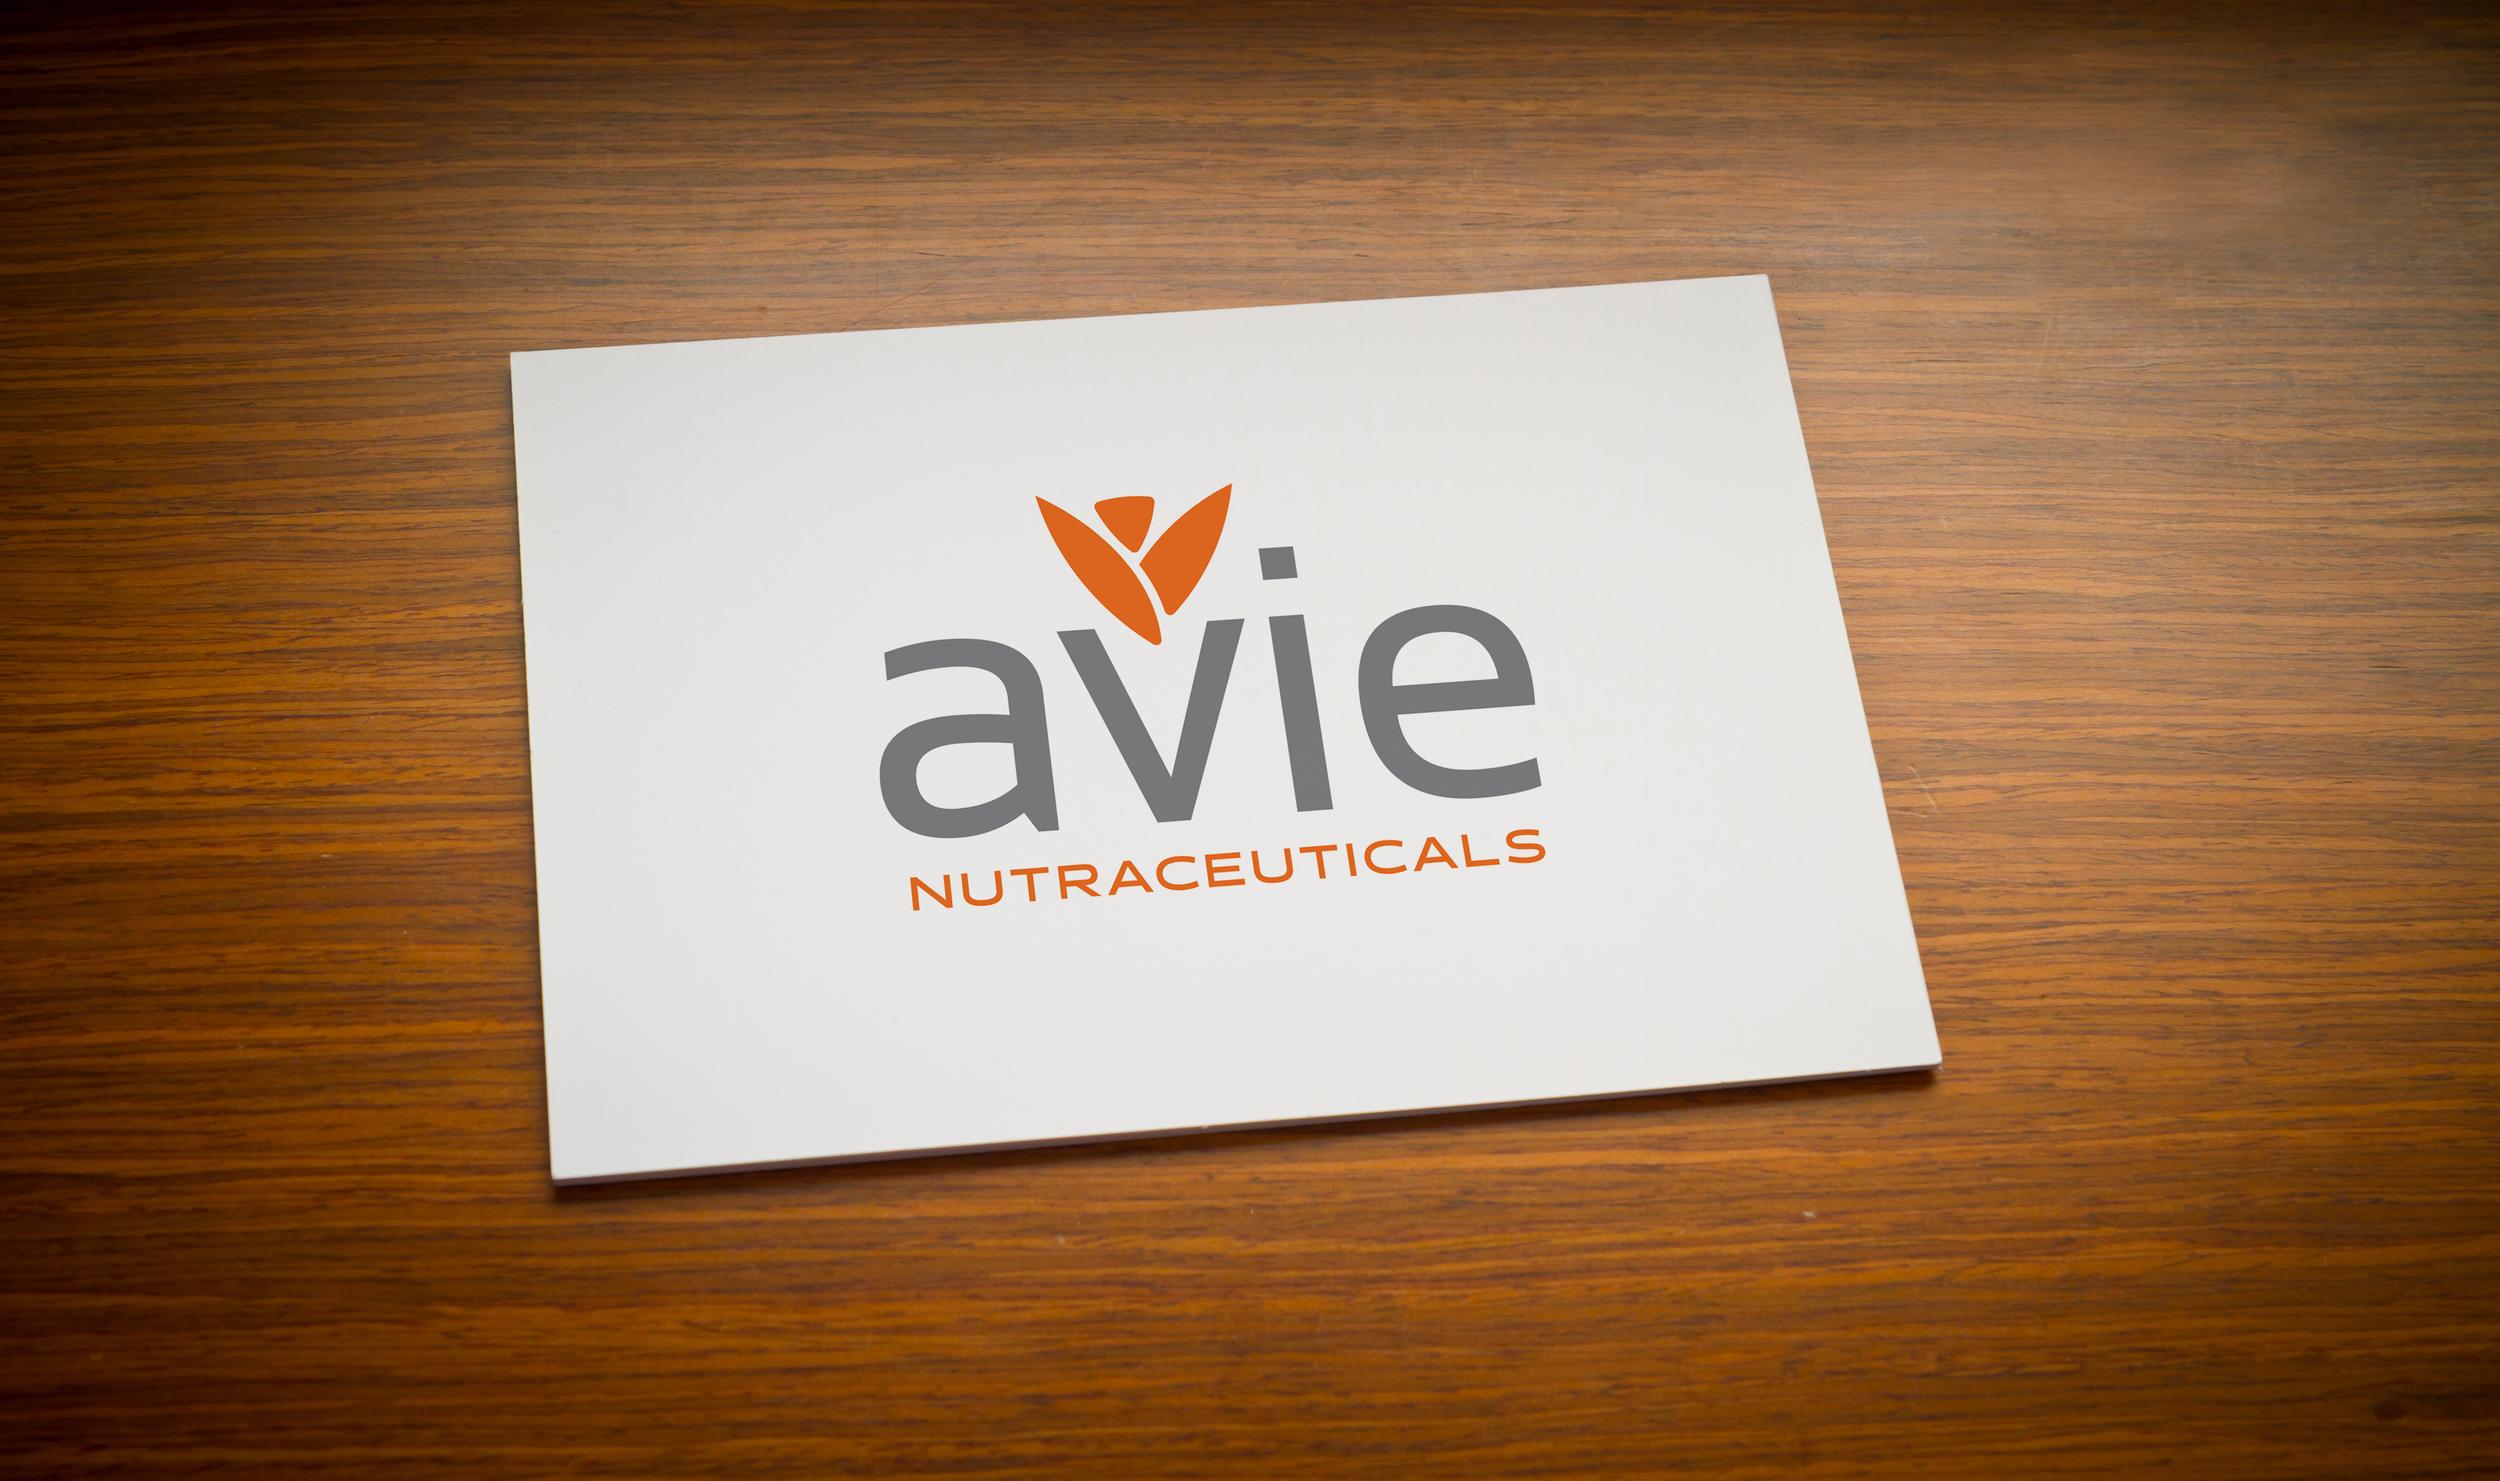 Logo Design for Avie Nutraceuticals